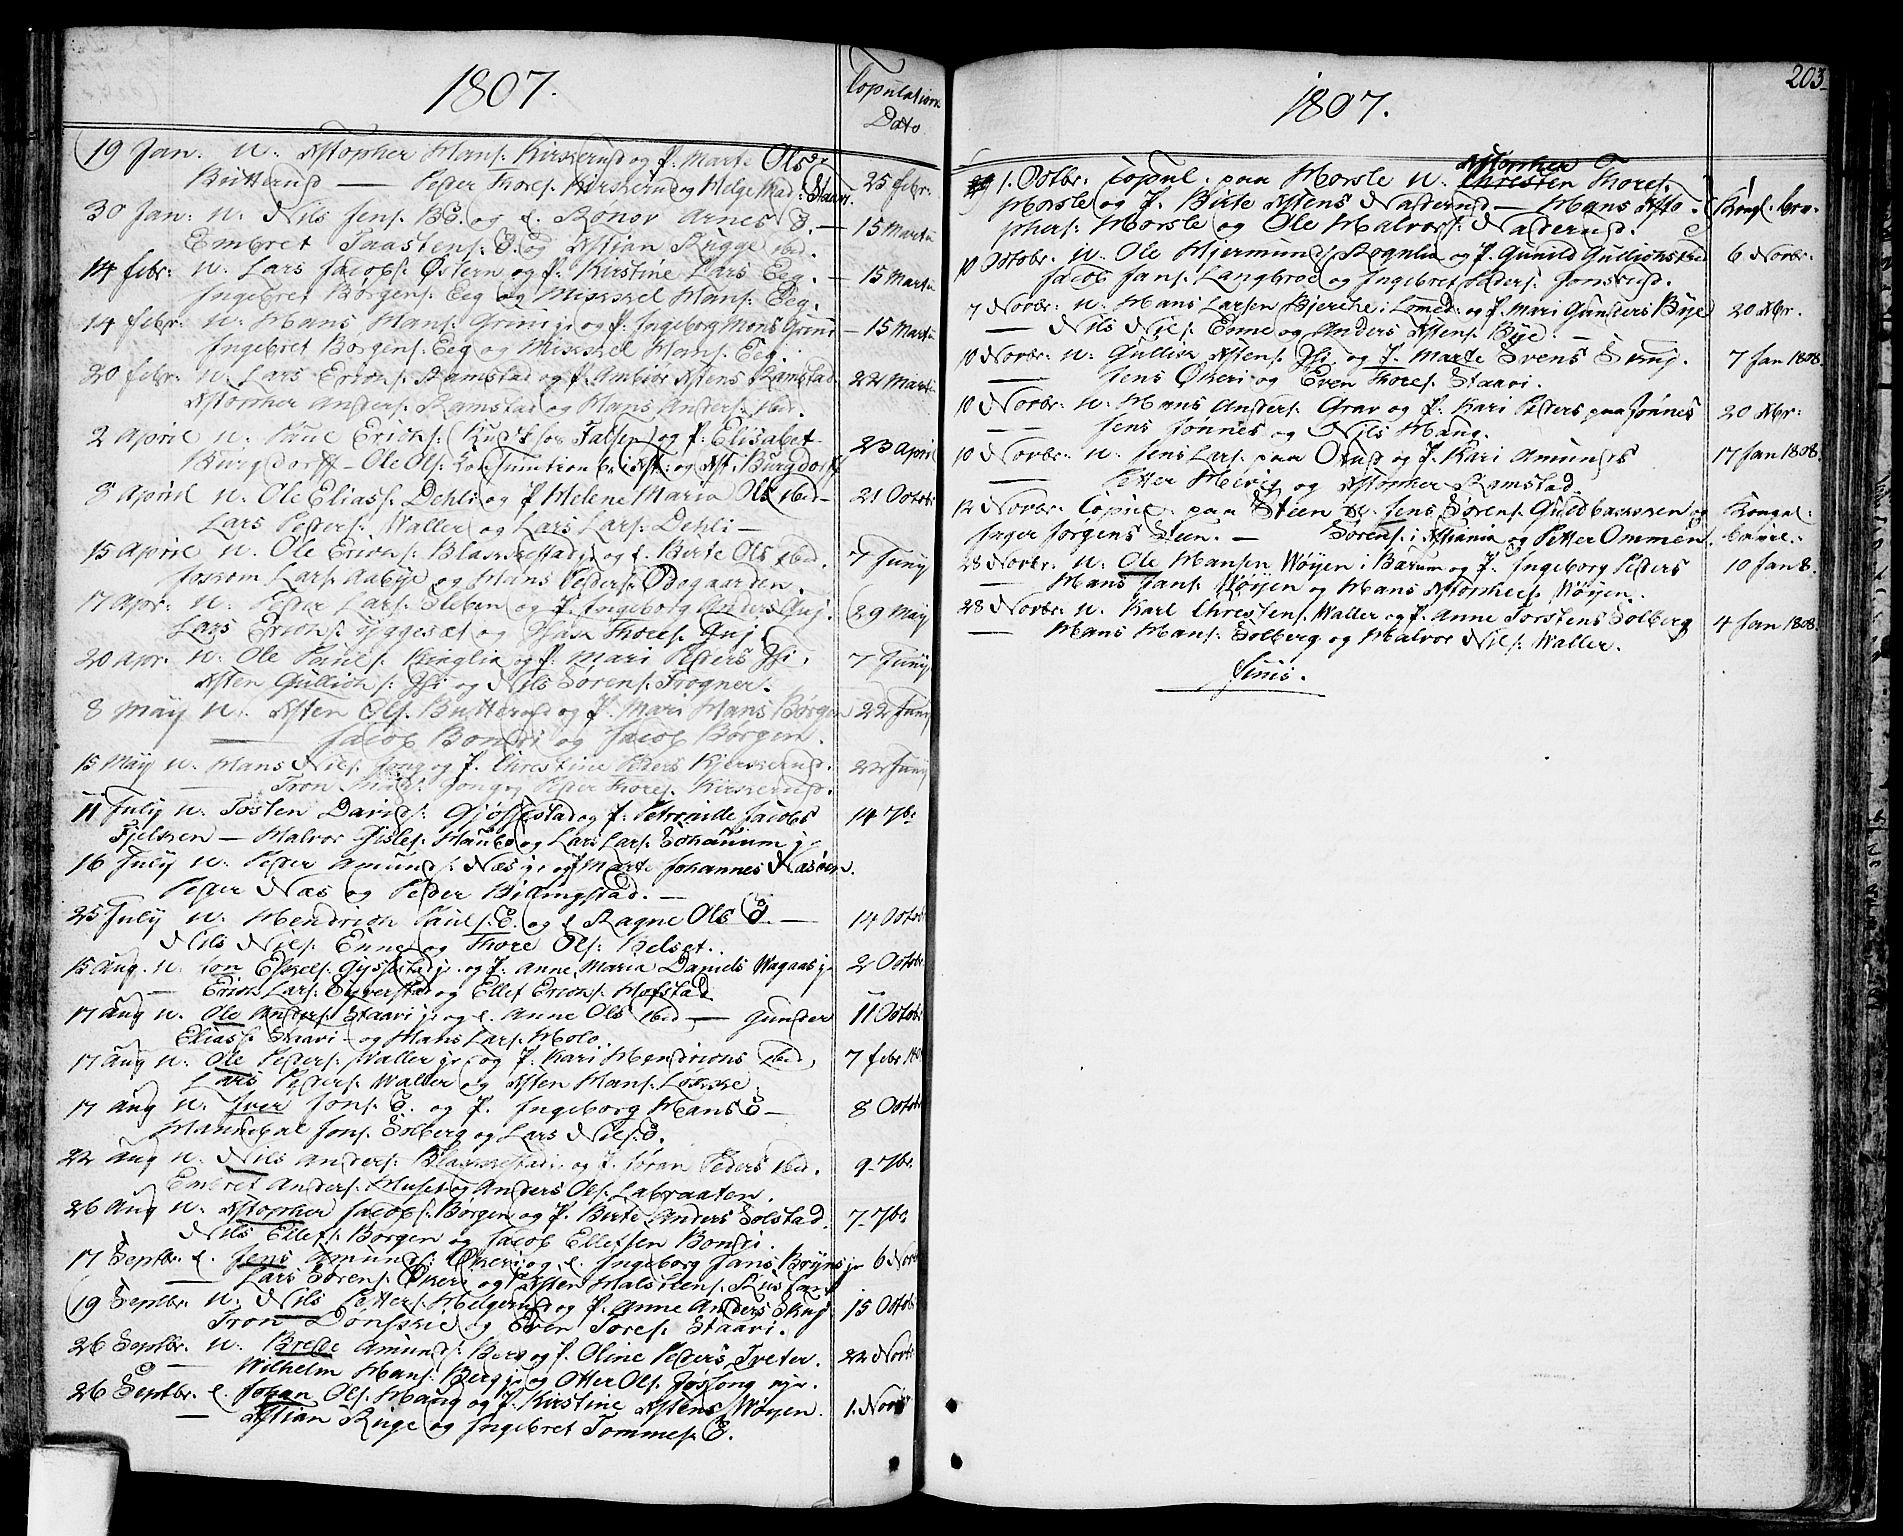 SAO, Asker prestekontor Kirkebøker, F/Fa/L0003: Ministerialbok nr. I 3, 1767-1807, s. 203